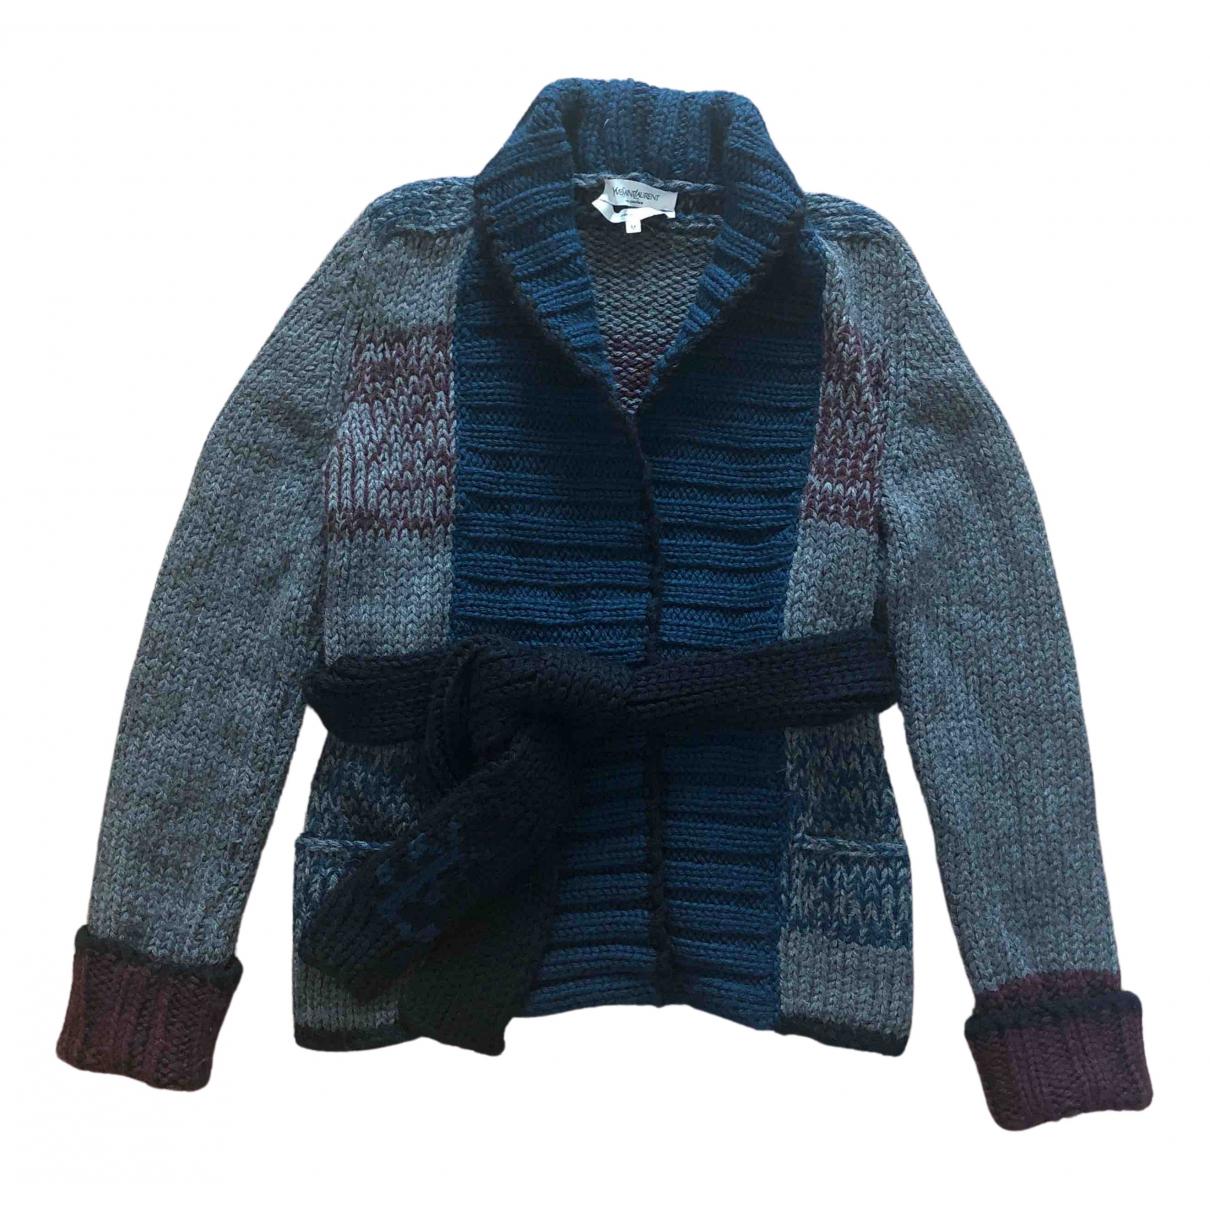 Yves Saint Laurent - Pull   pour femme en laine - gris